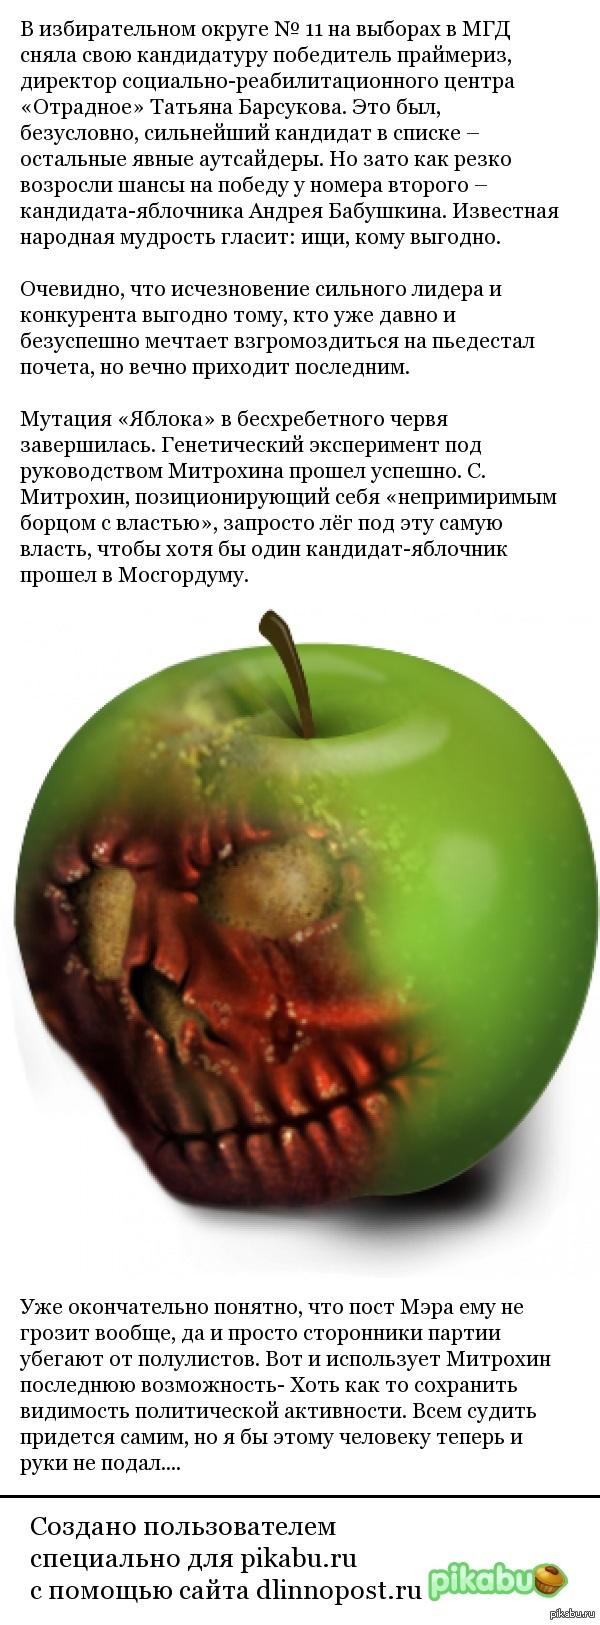 Гниловатый фрукт